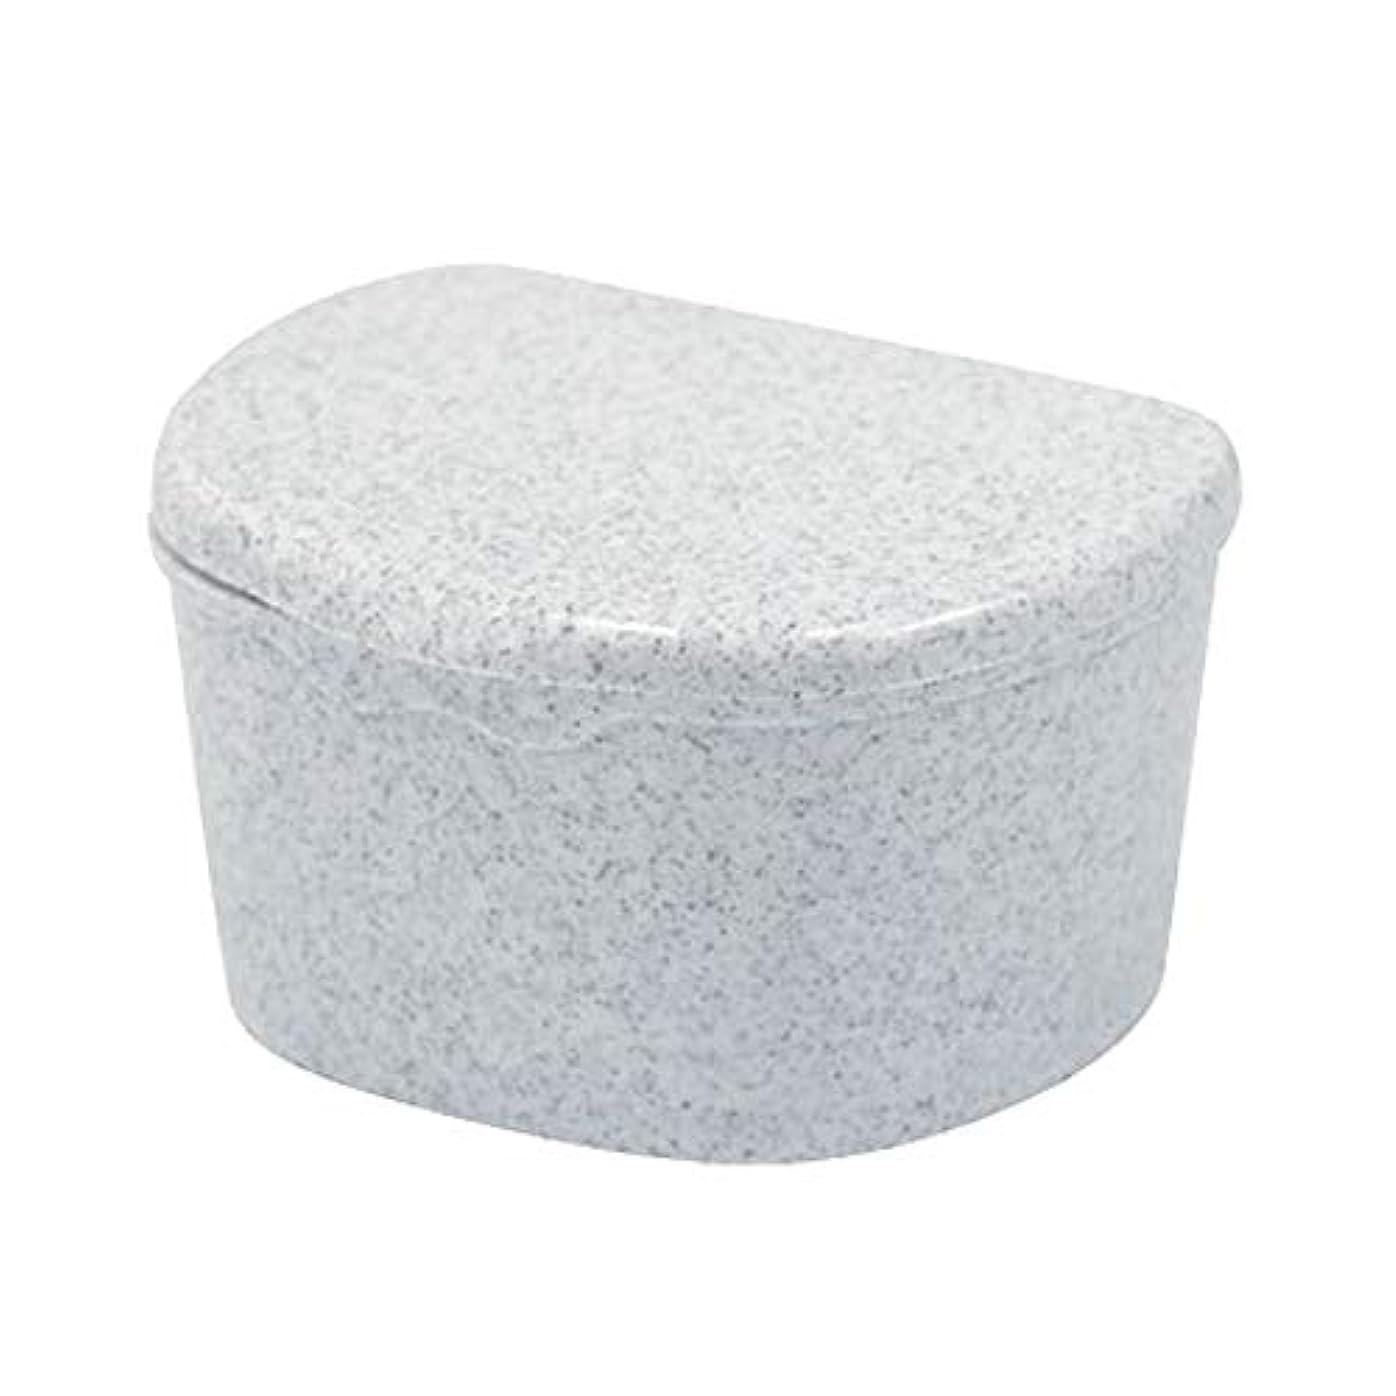 凍ったパワーセルコンテンツ株式会社サポート いればこ君2 洗浄剤すきっと君1錠付 1個 (Lグレー)